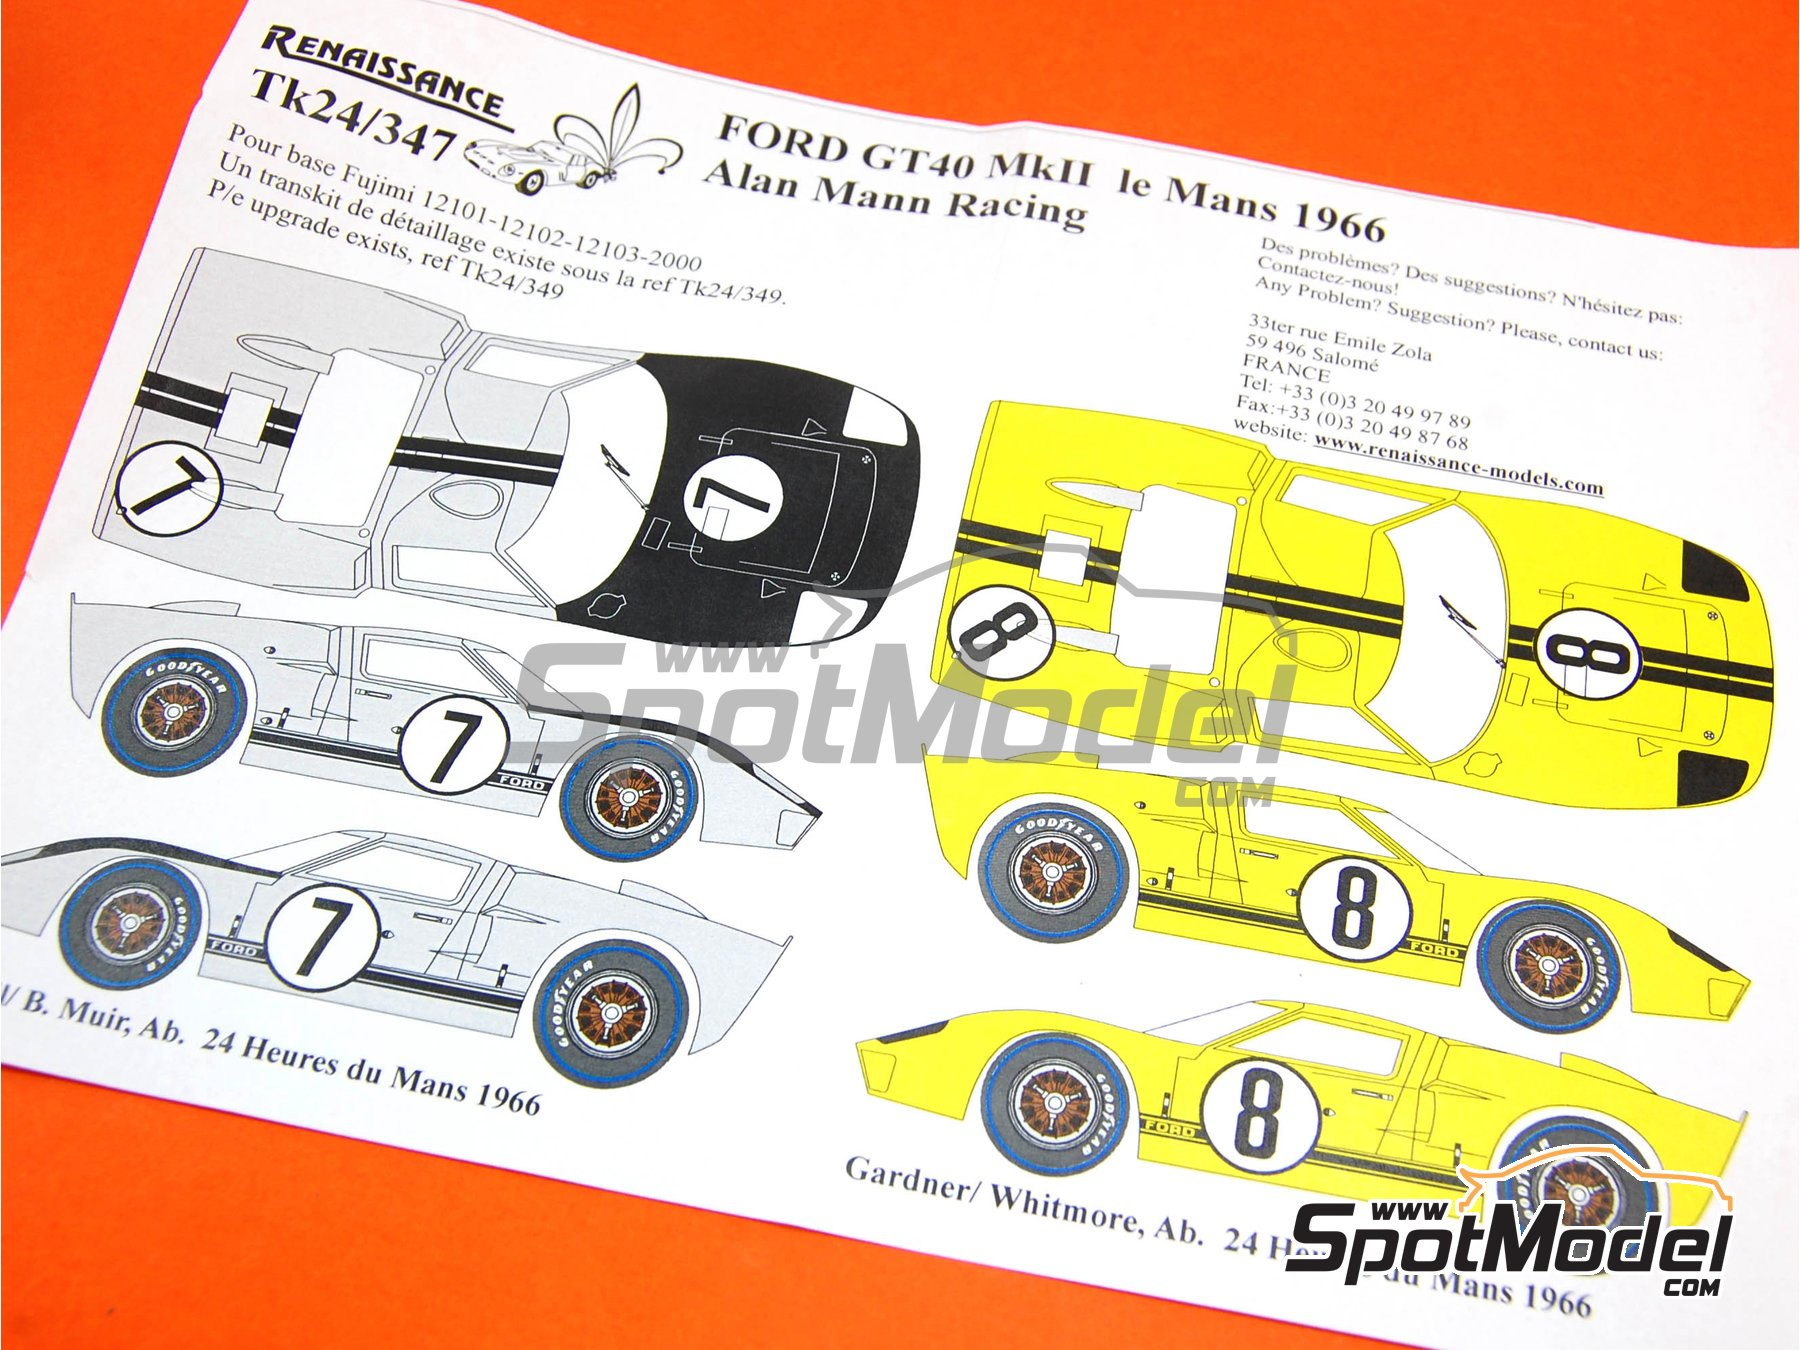 Image 1: Ford GT40 Mk II Alan Mann Racing - 24 Horas de Le Mans 1966 | Decoración en escala1/24 fabricado por Renaissance Models (ref.TK24-347)